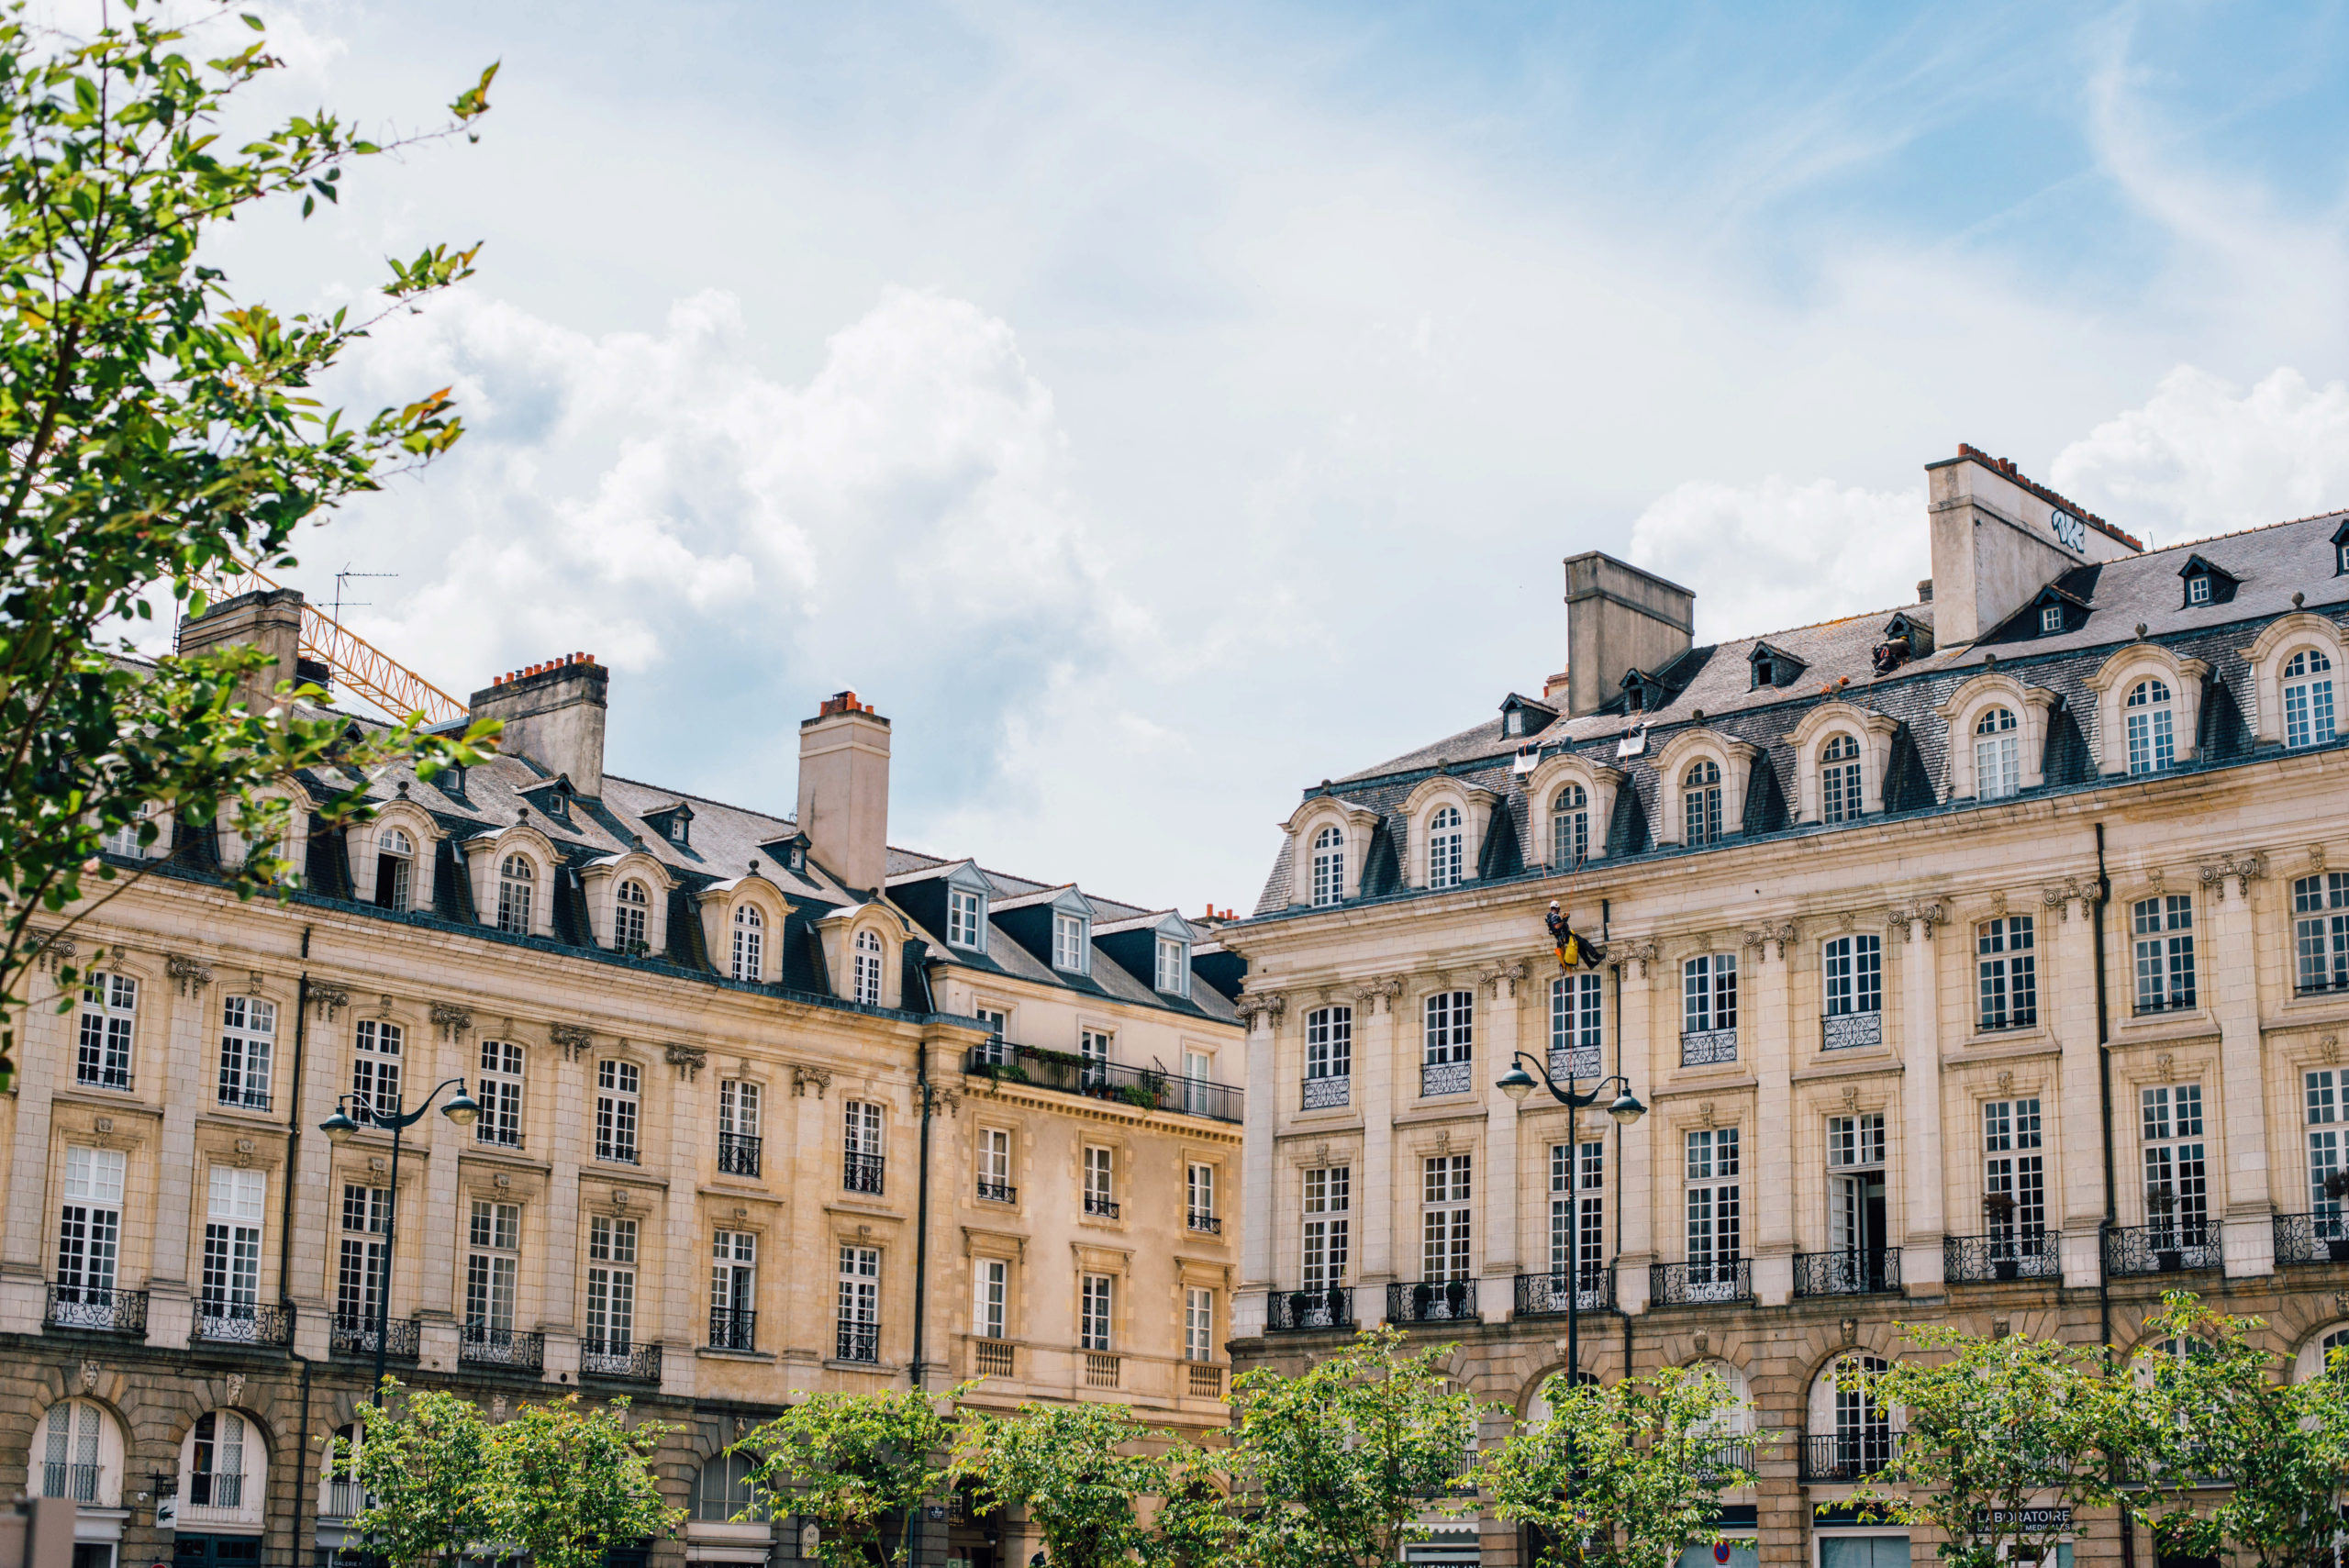 Rennes place du parlement. Plus belles villes à visiter en Ille-et-Vilaine Bretagne.